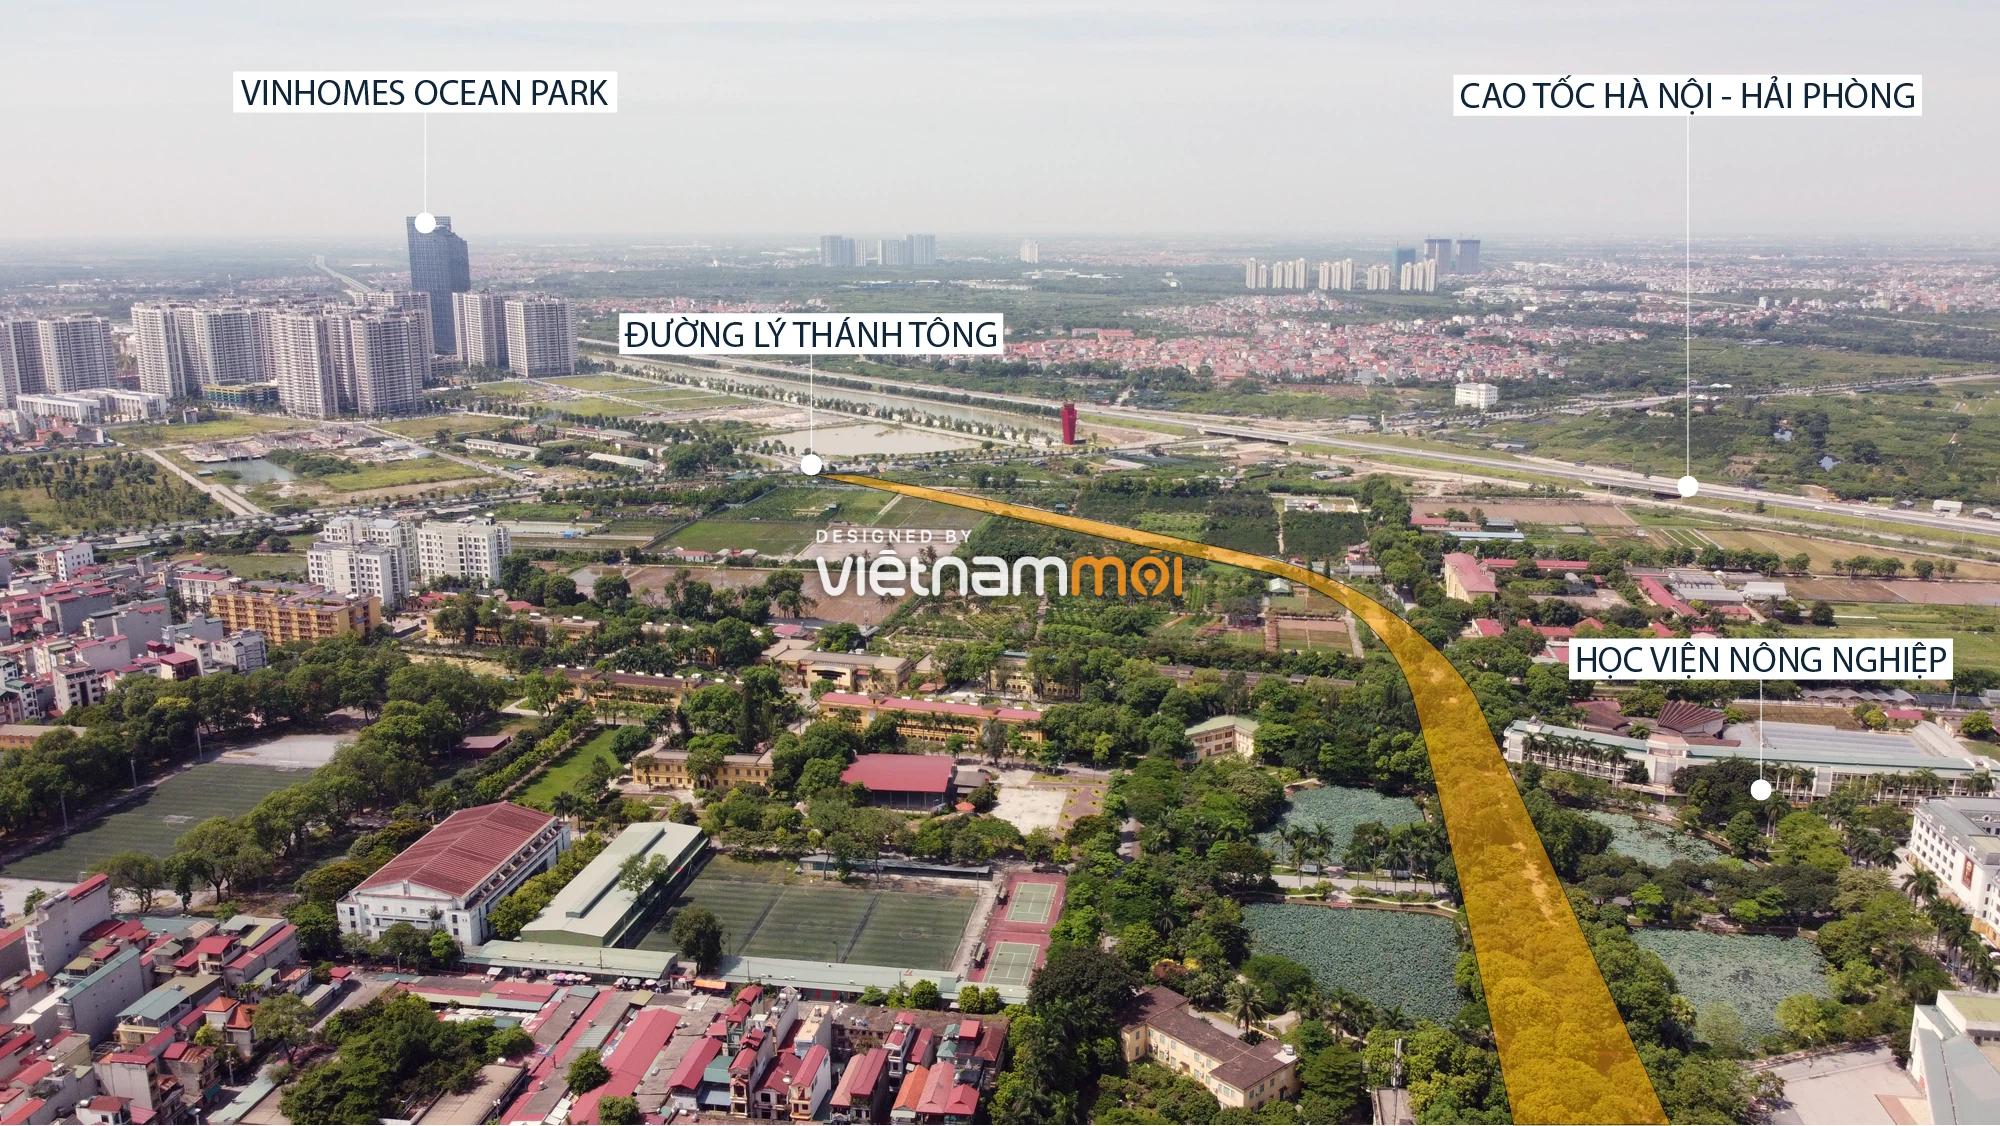 Toàn cảnh tuyến đường từ Vinhomes Ocean Park đến QL5 qua Học viện Nông nghiệp đang mở theo quy hoạch ở Hà Nội - Ảnh 1.